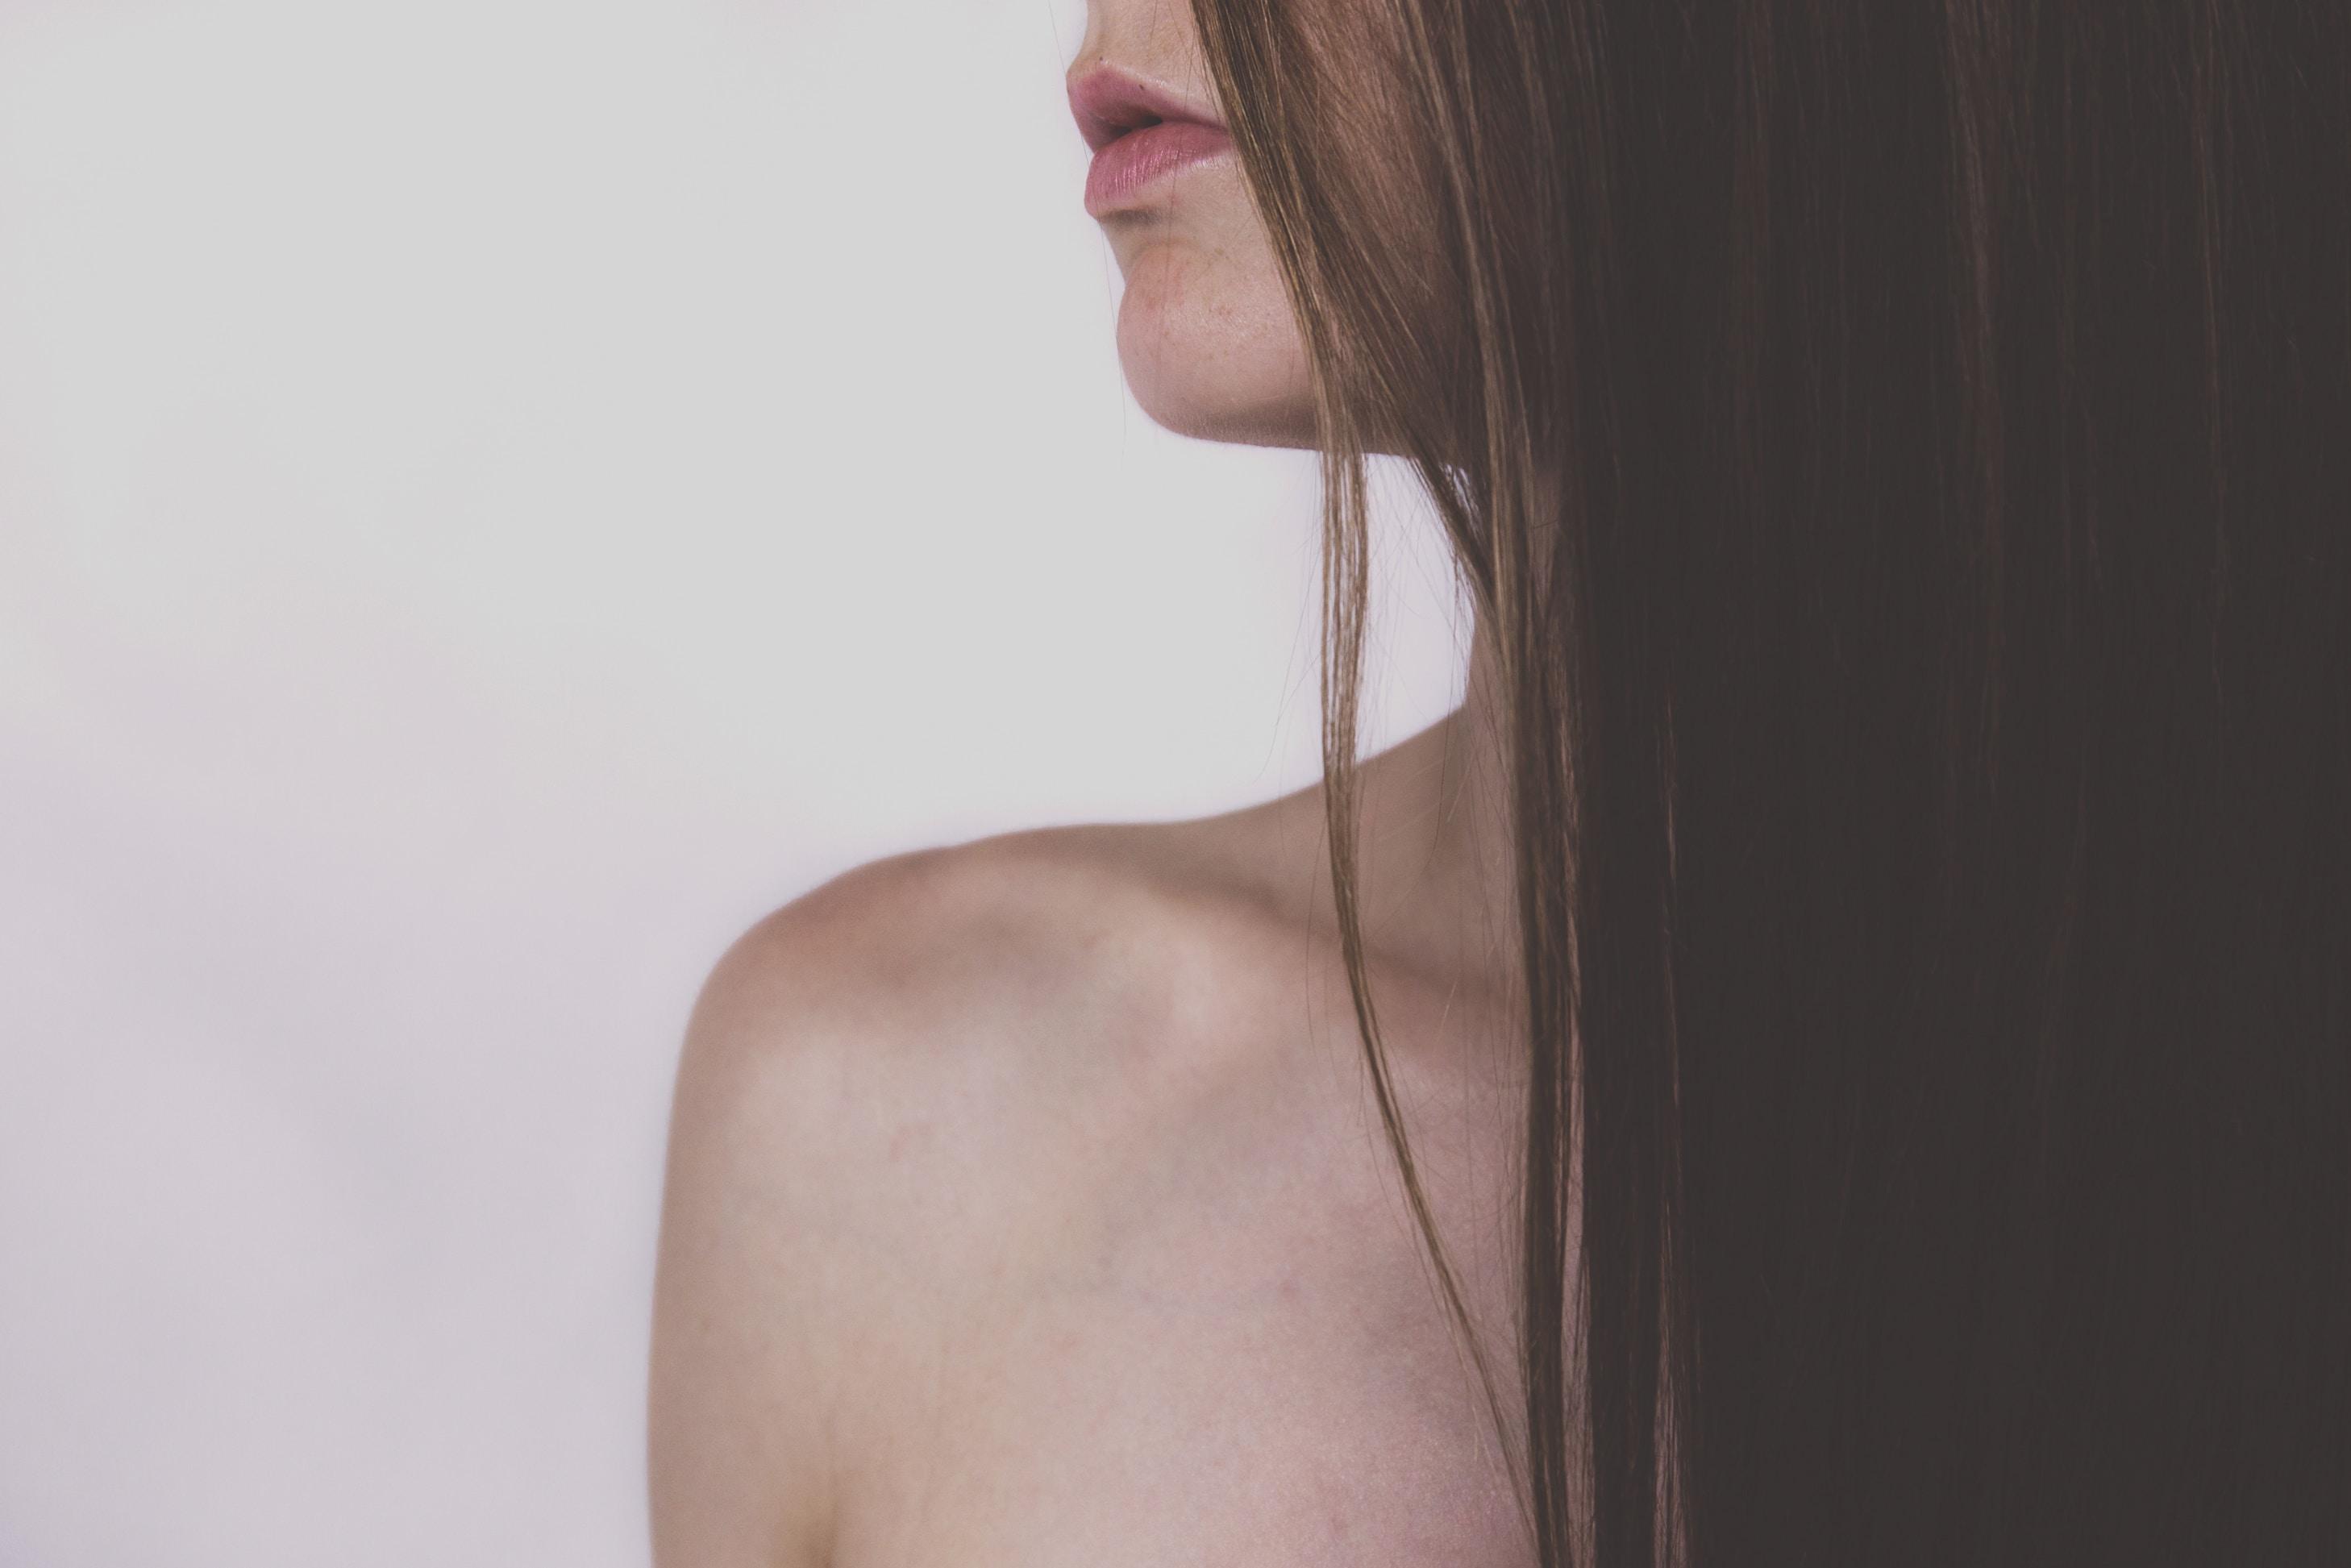 Podstawowe techniki przeszczepu włosów oraz ich wady i zalety